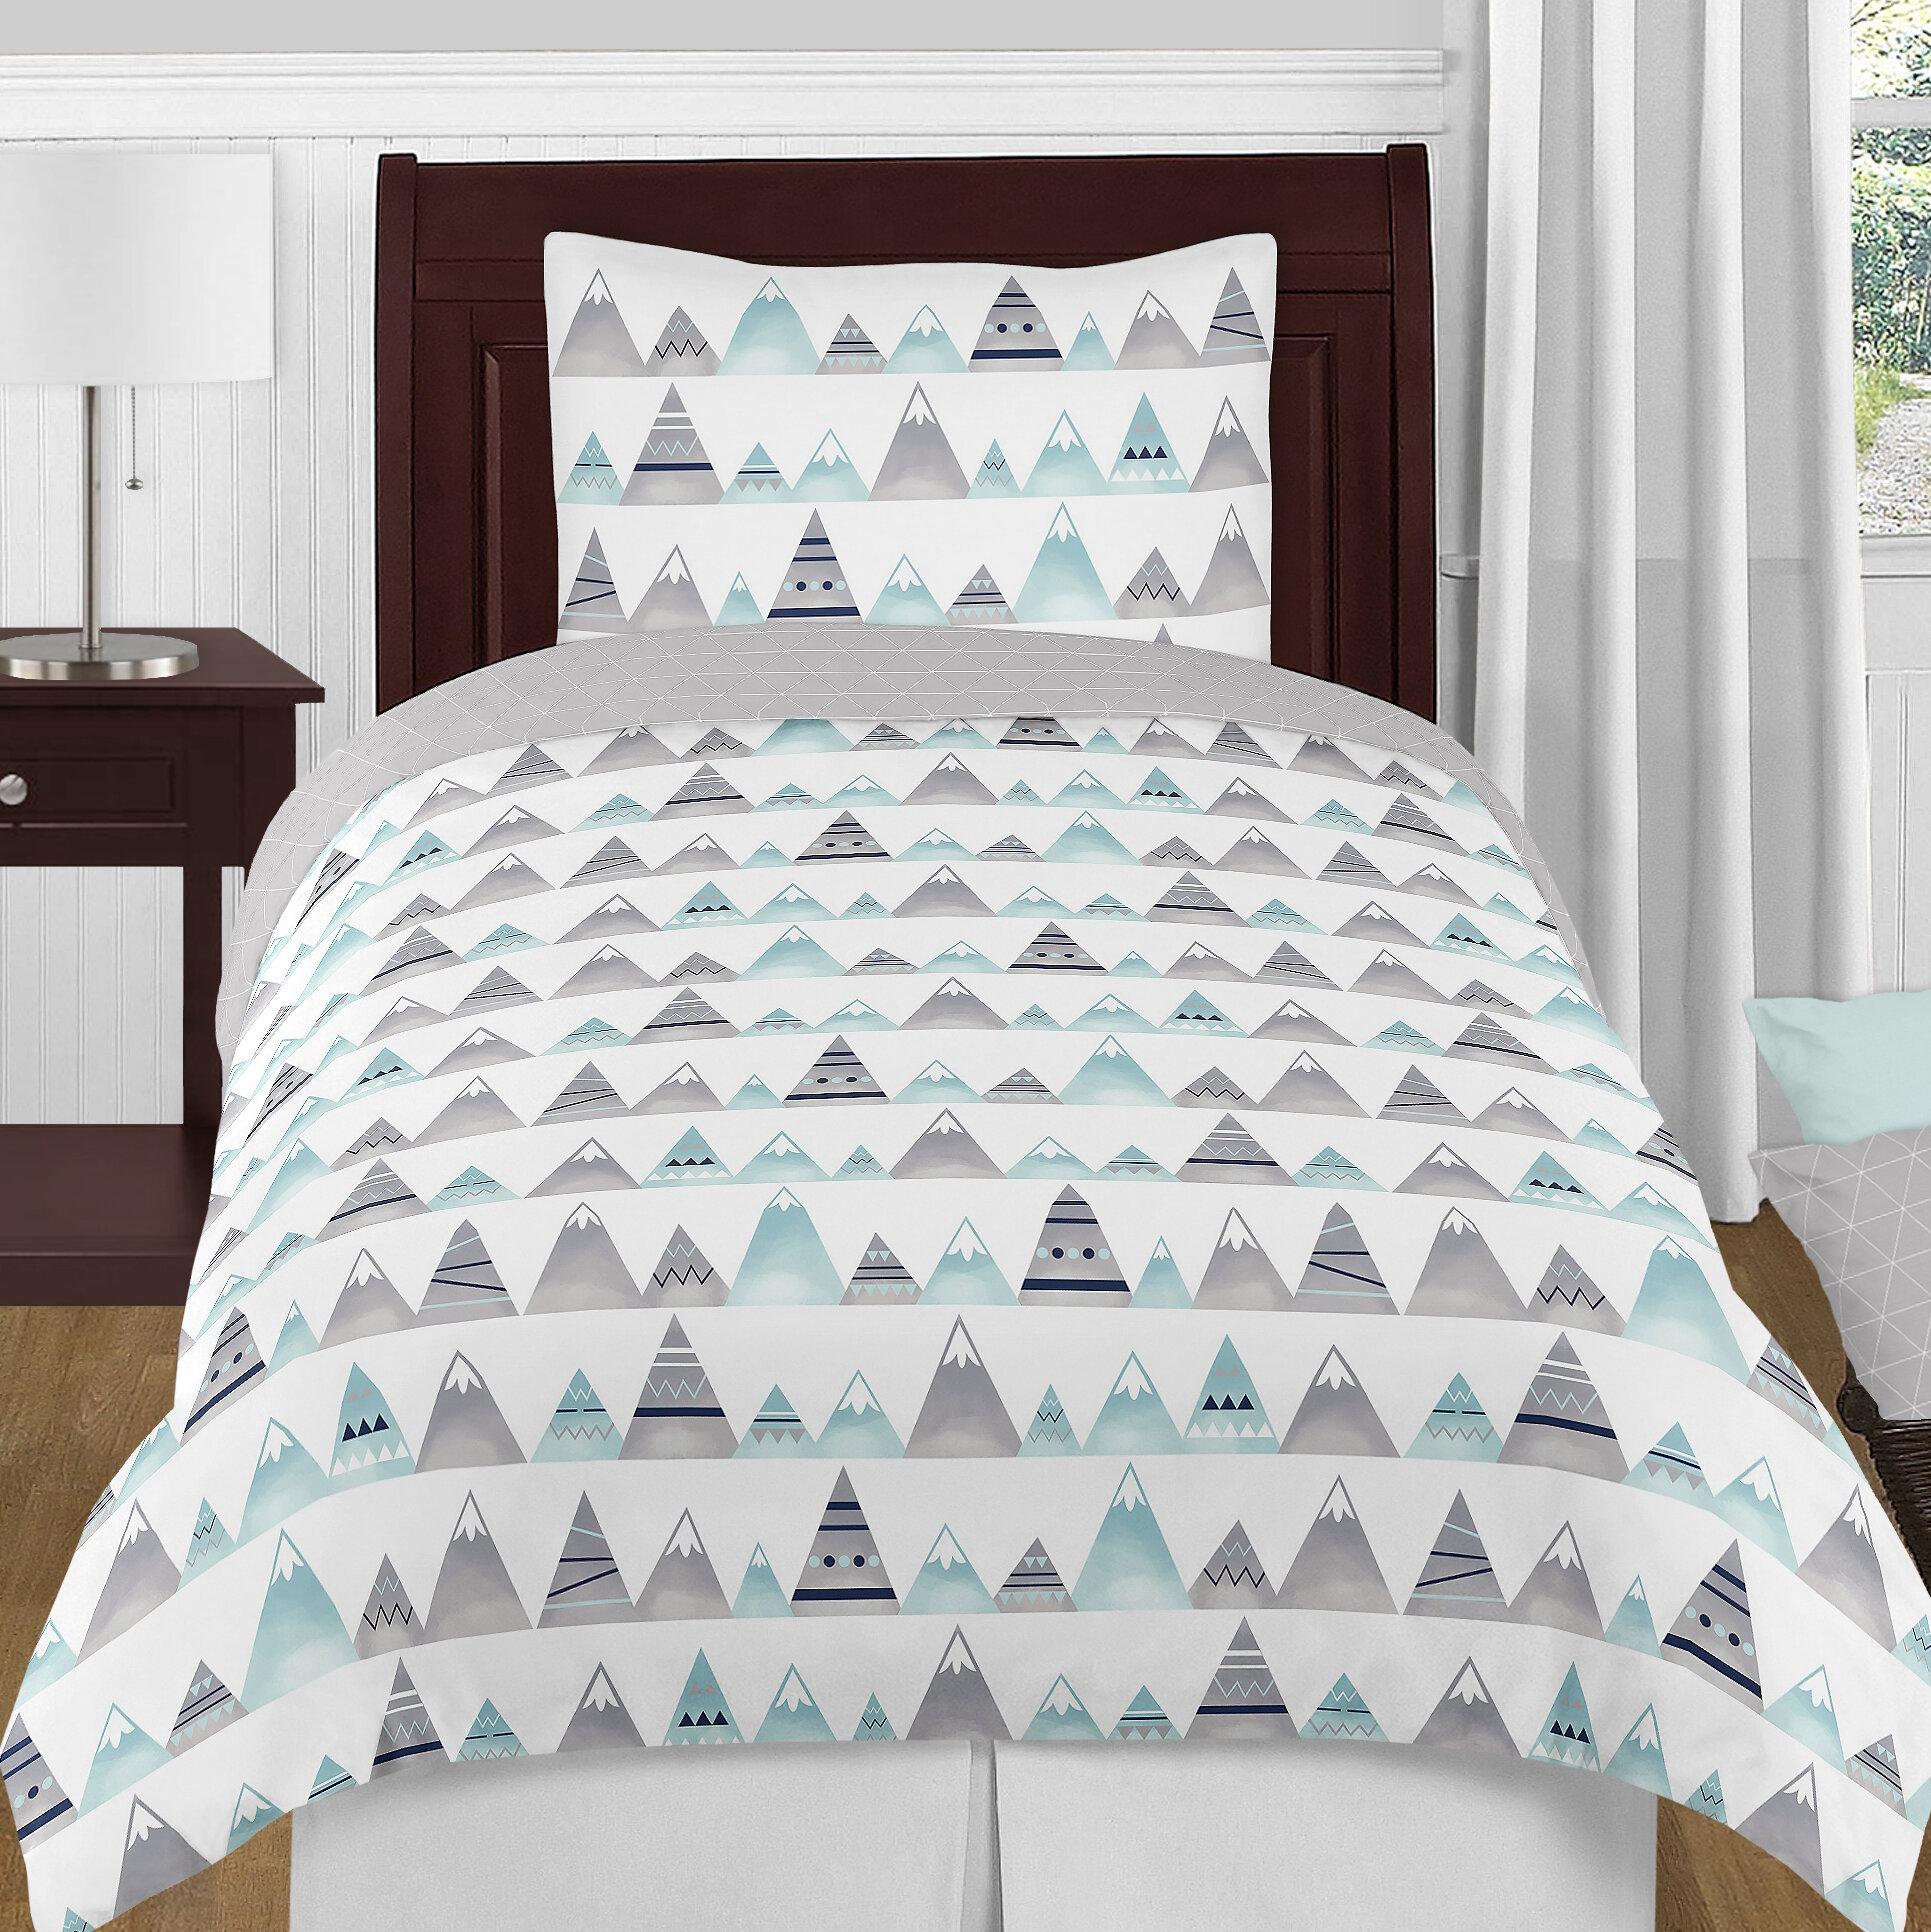 Sweet Jojo Designs Mountains Reversible Comforter Set Reviews Wayfair